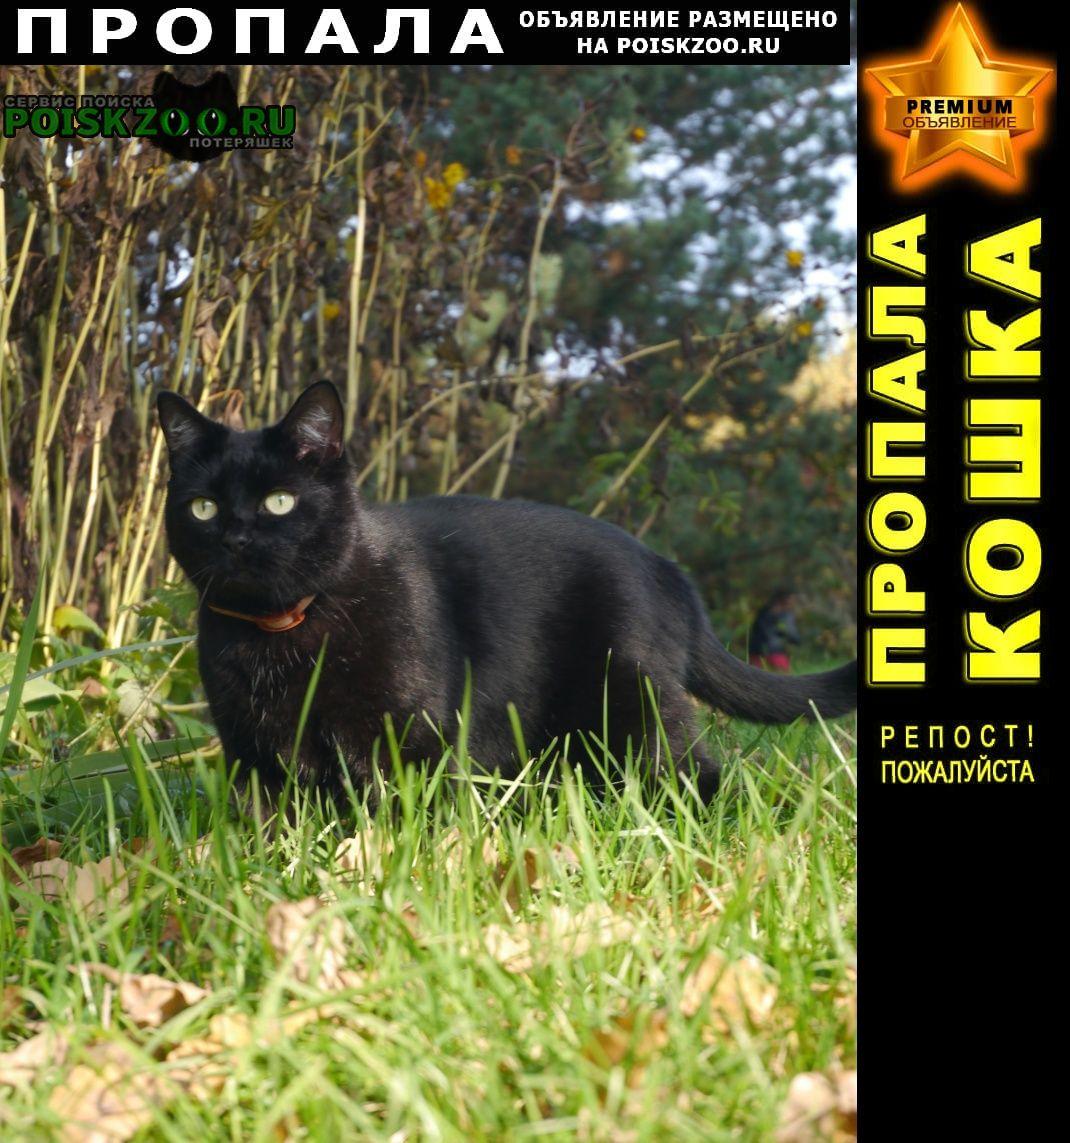 Пропал кот Красноармейск (Московская обл.)